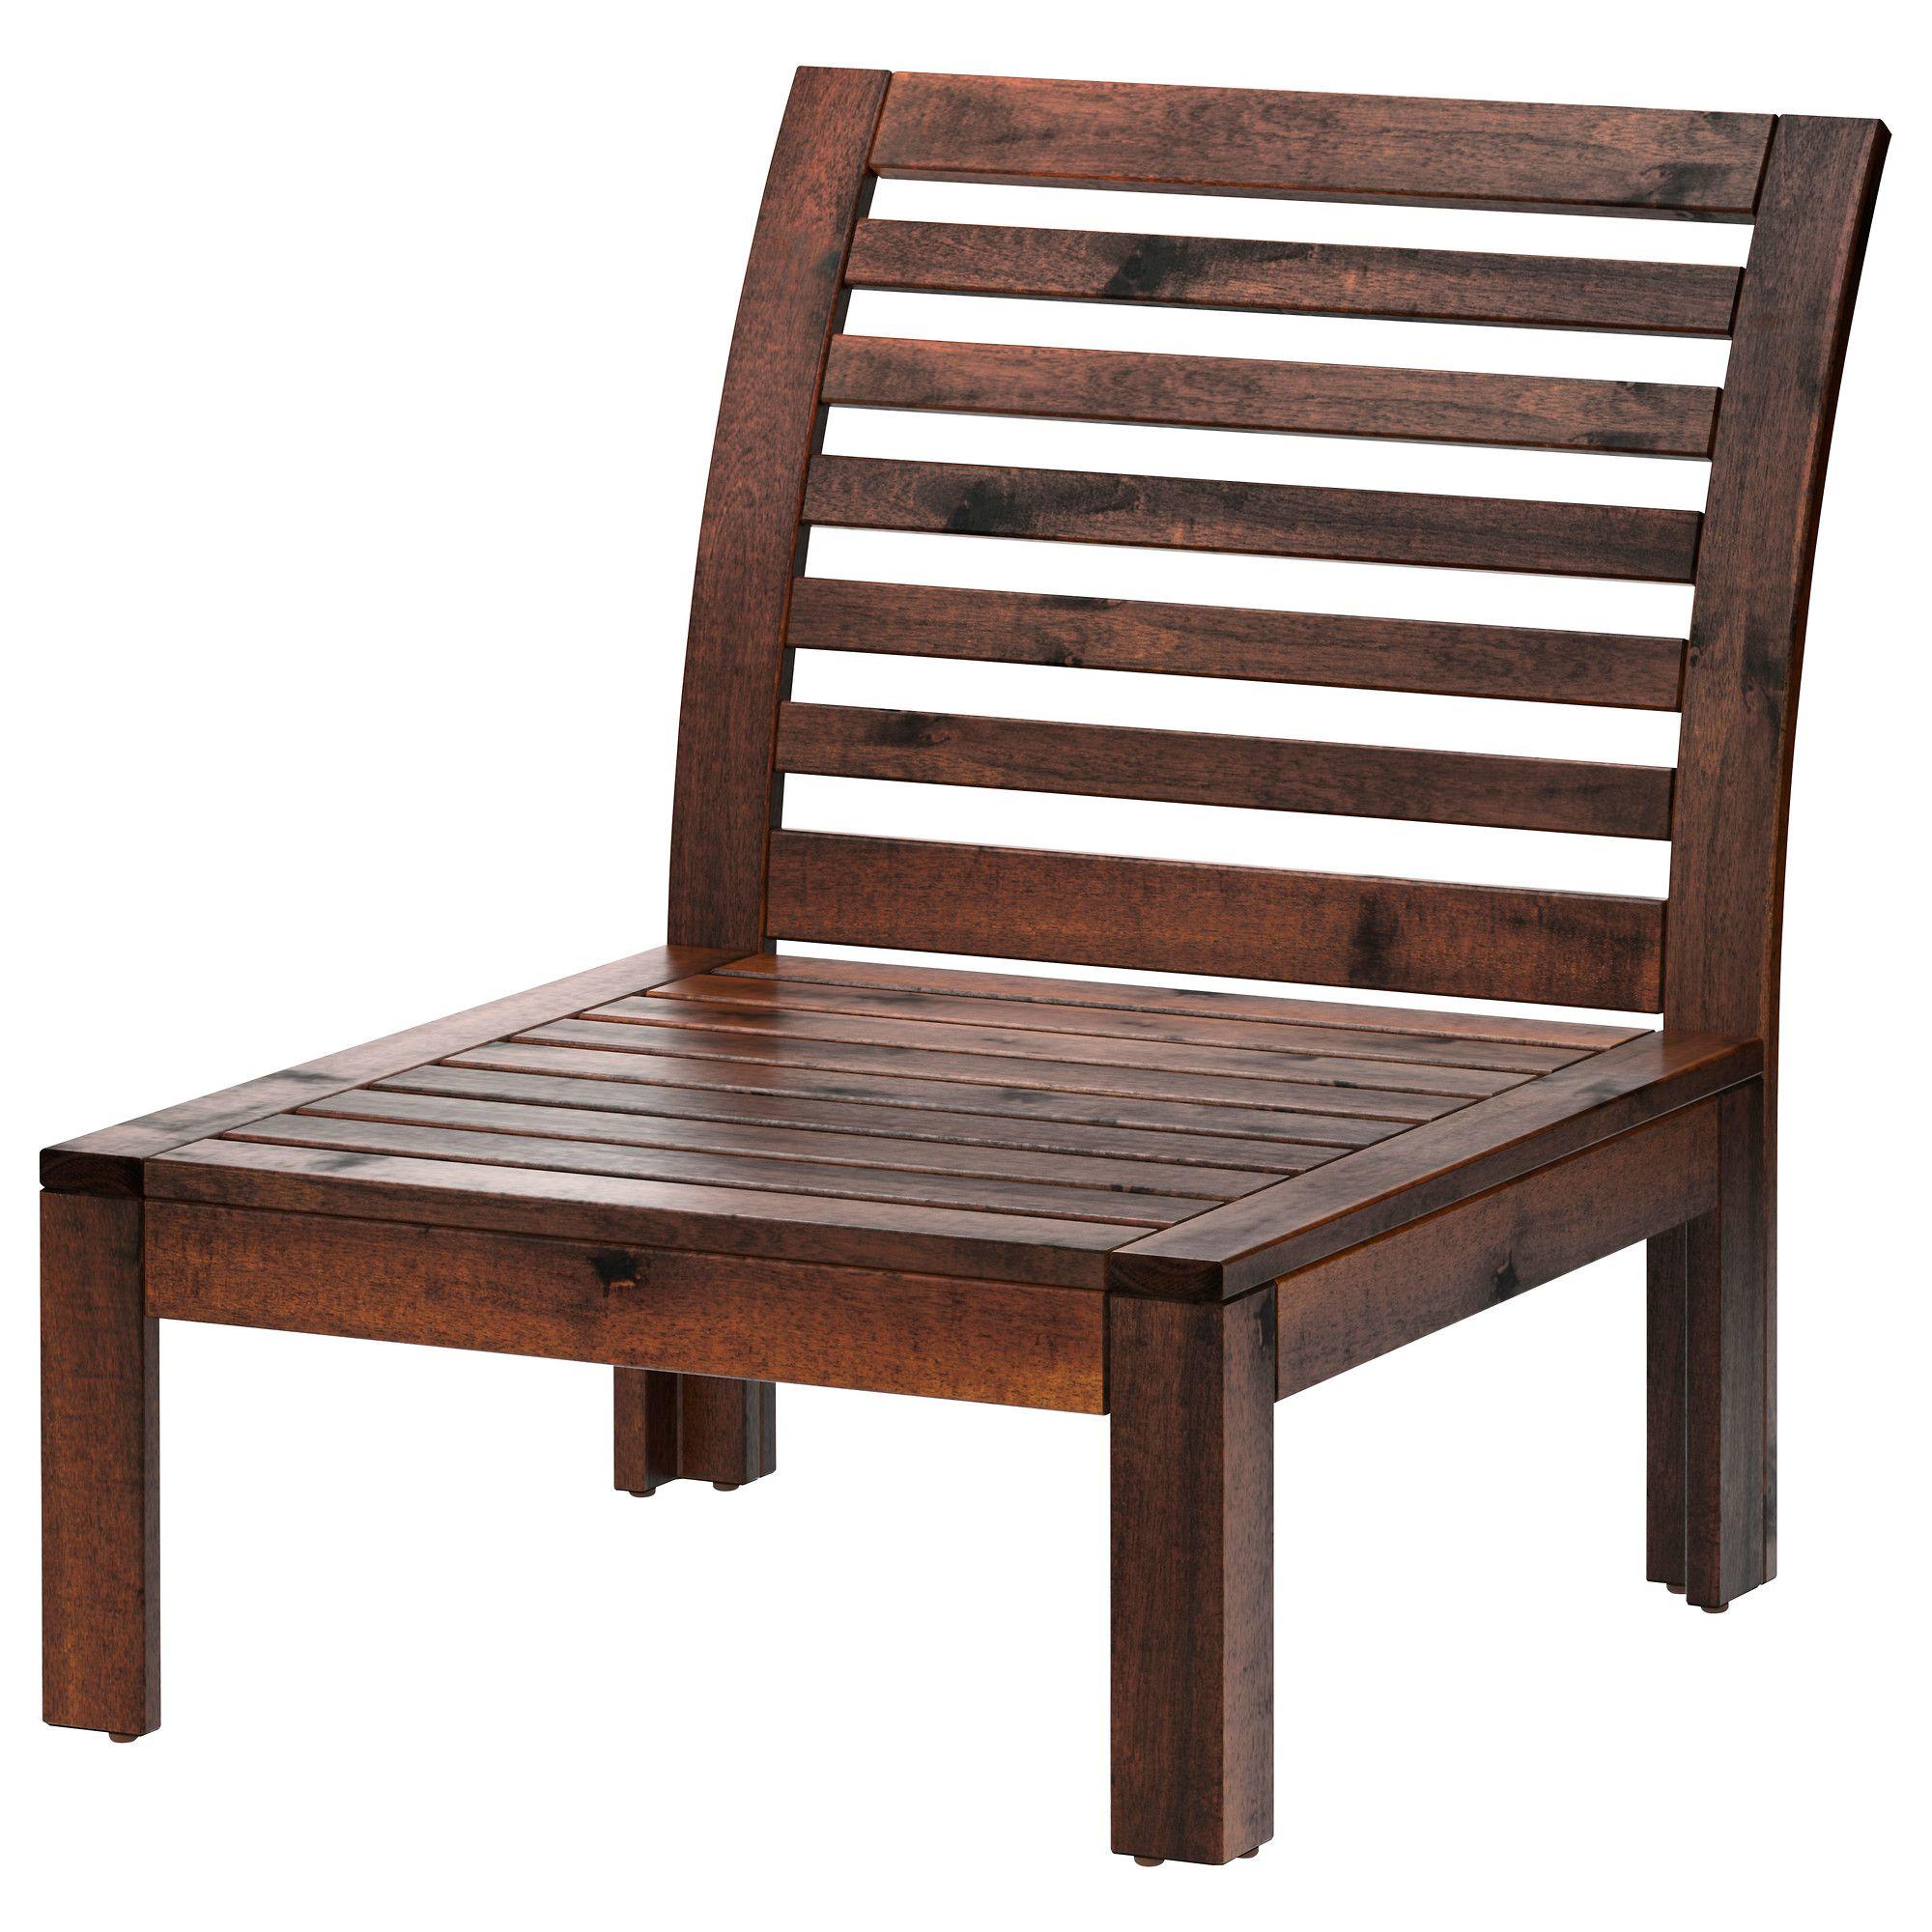 ikea patio furniture. ÄPPLARÖ One-seat Section - IKEA -- IKEA\u0027s Making Patio Furniture! Yay! Ikea Furniture